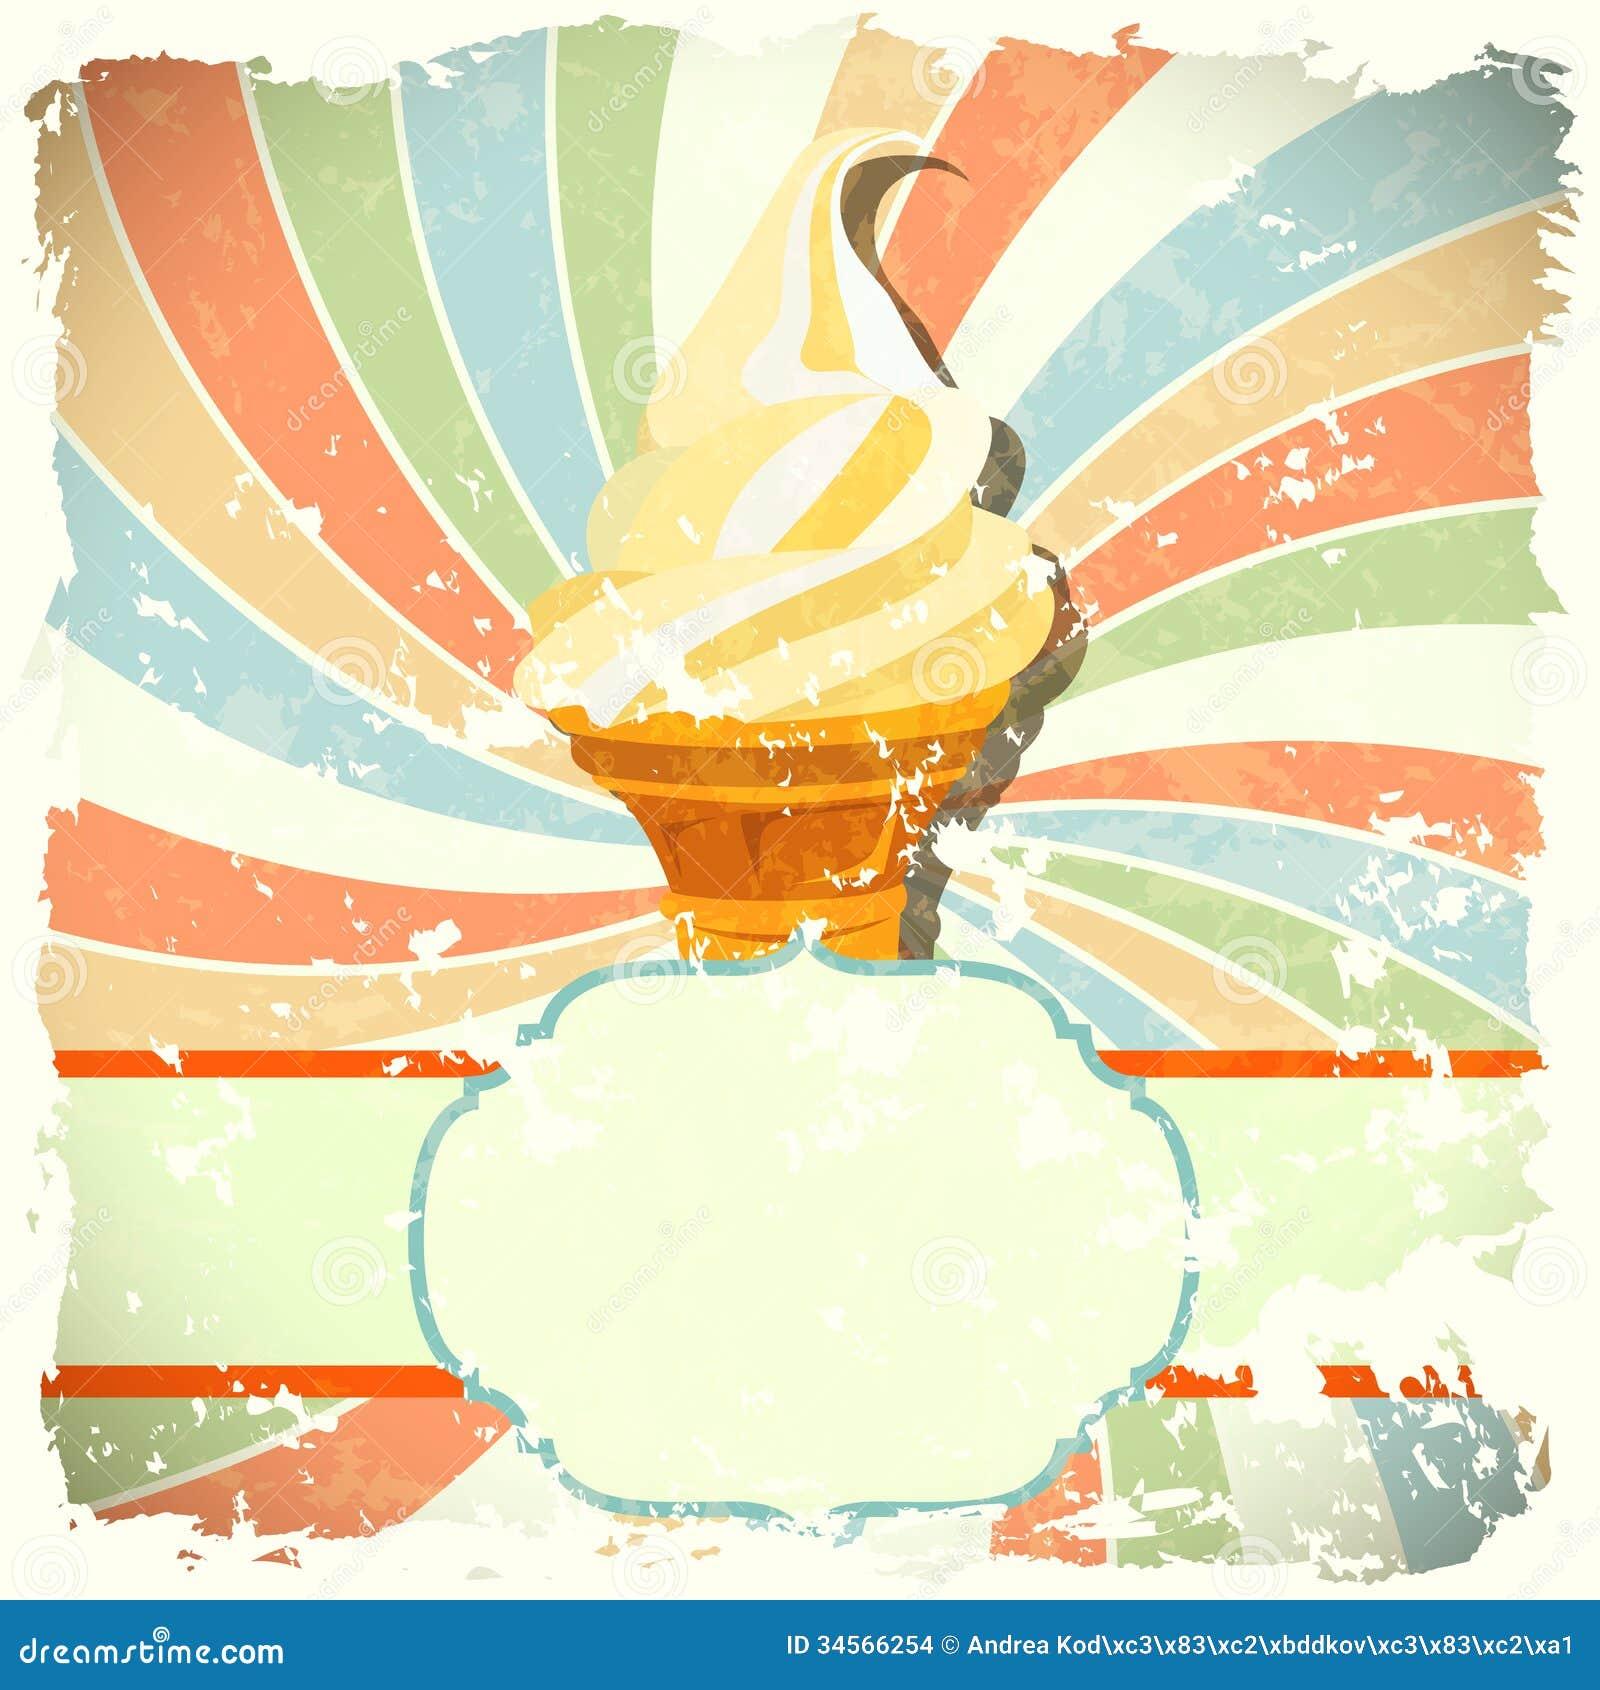 vintage ice cream wallpaper - photo #1